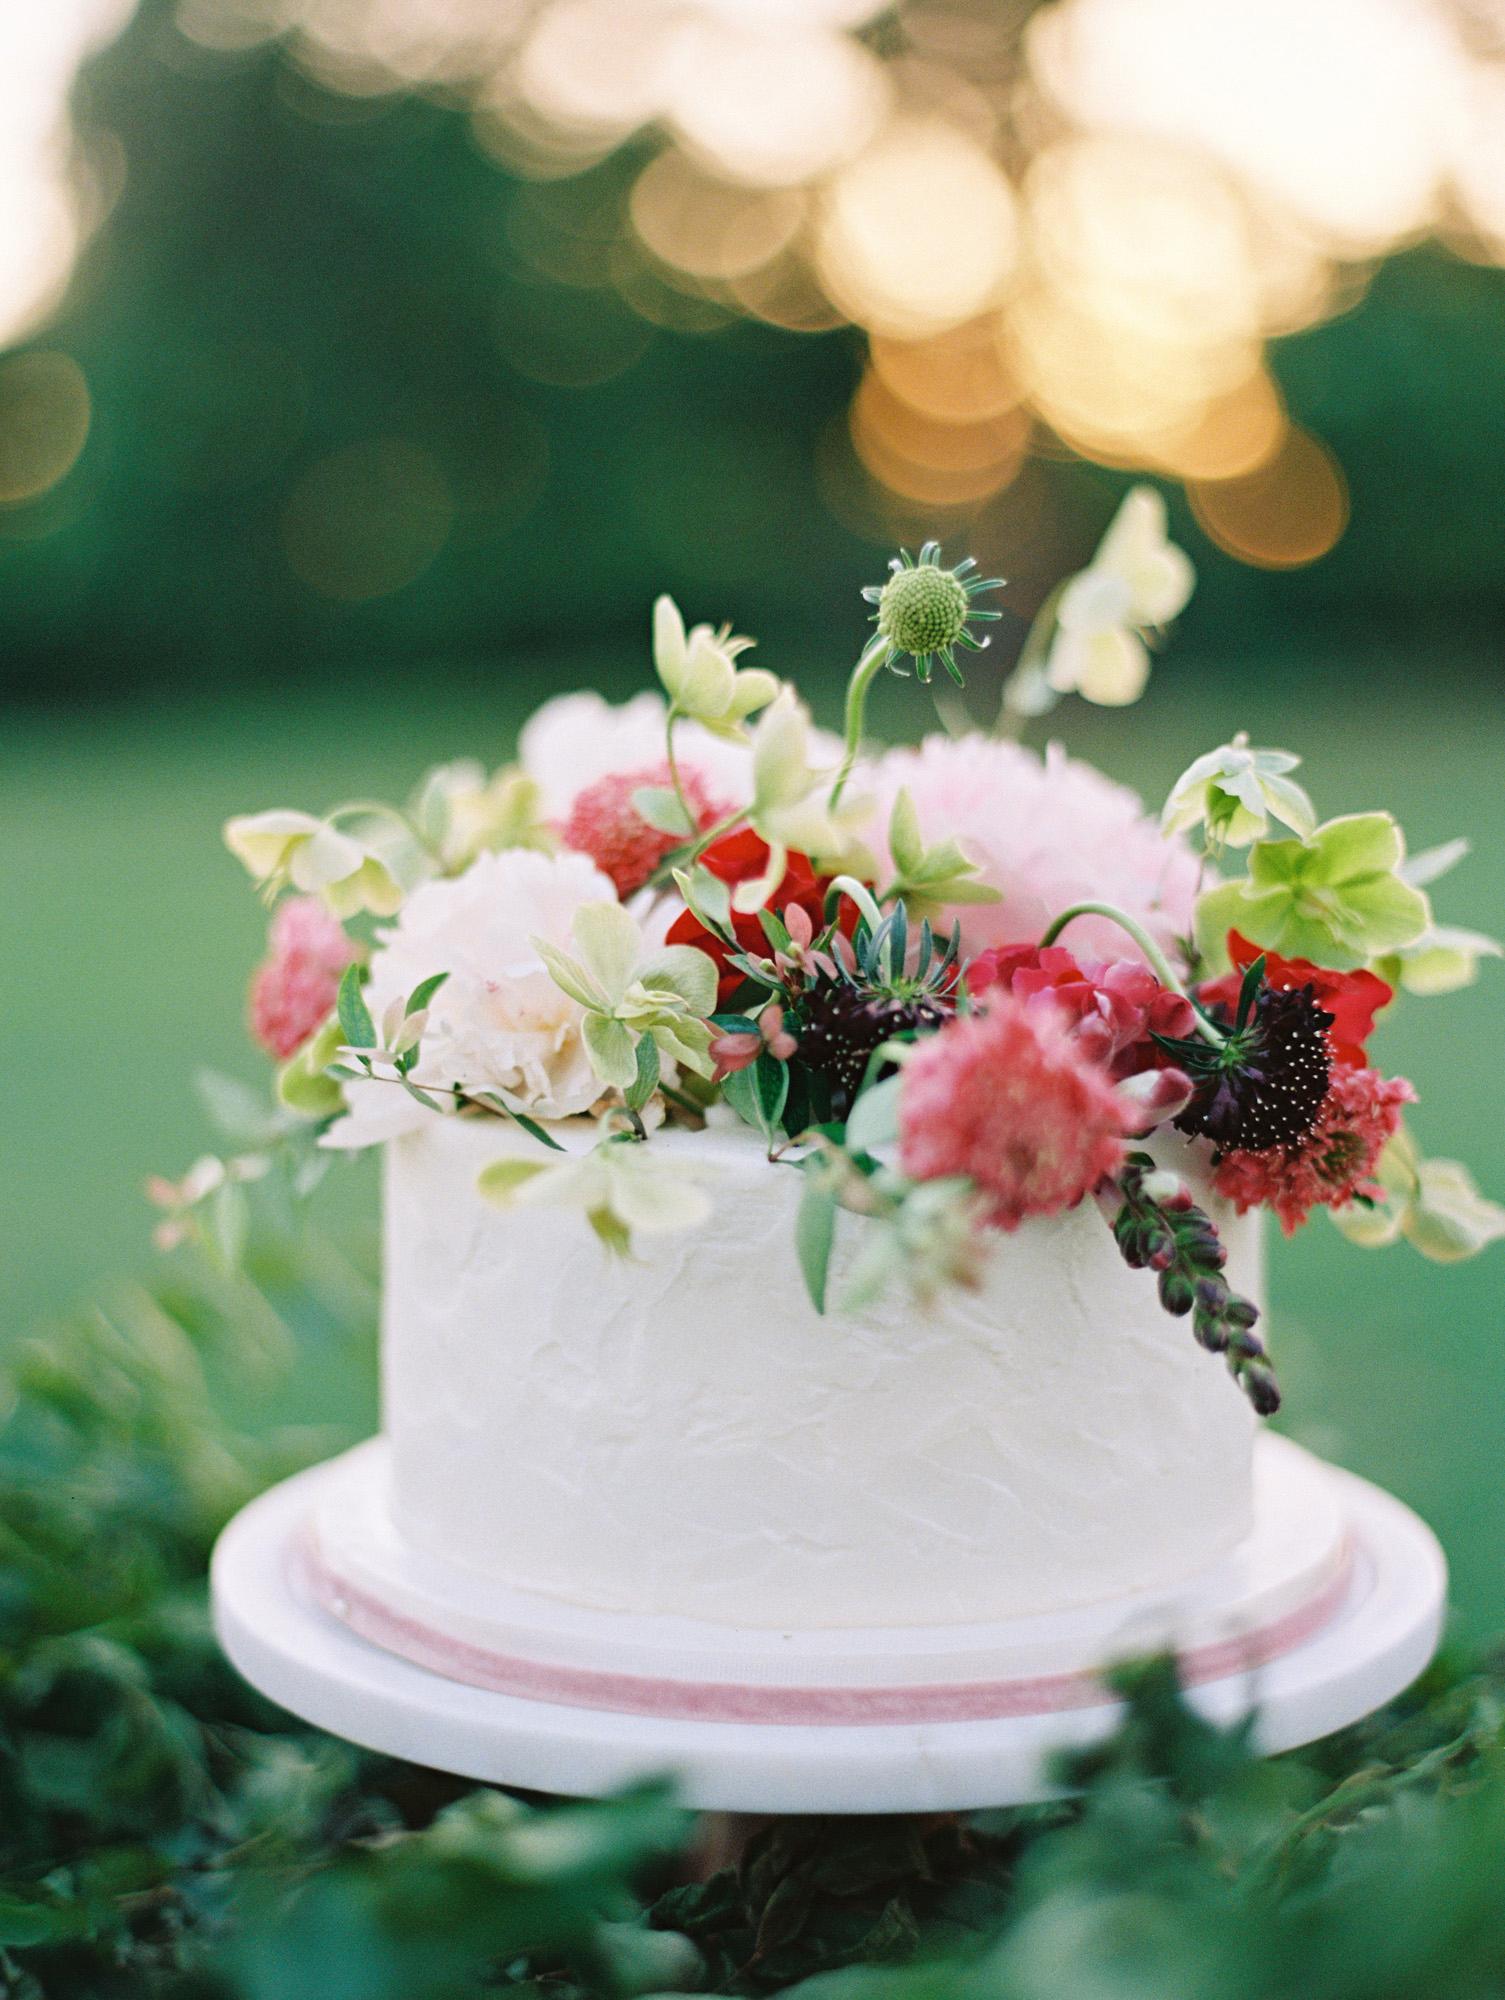 A Cute Cake